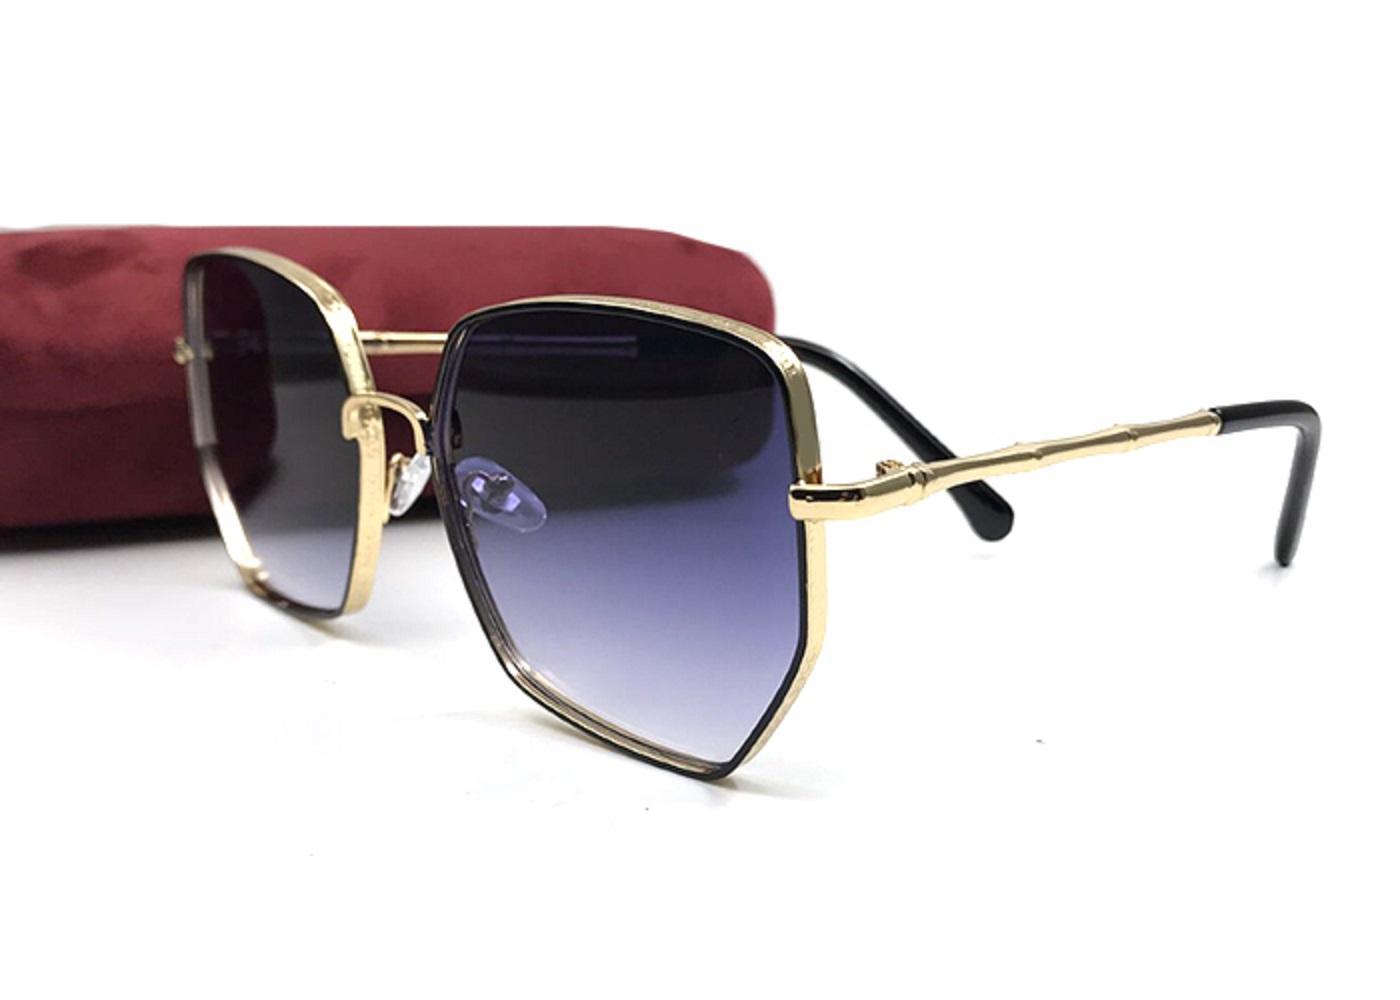 العصرية خمر المعادن امرأة النظارات الفريدة غير النظامية شكل عدسات حزب الشارع اطلاق النار نظارات شخصية للإناث oculos مع القضية